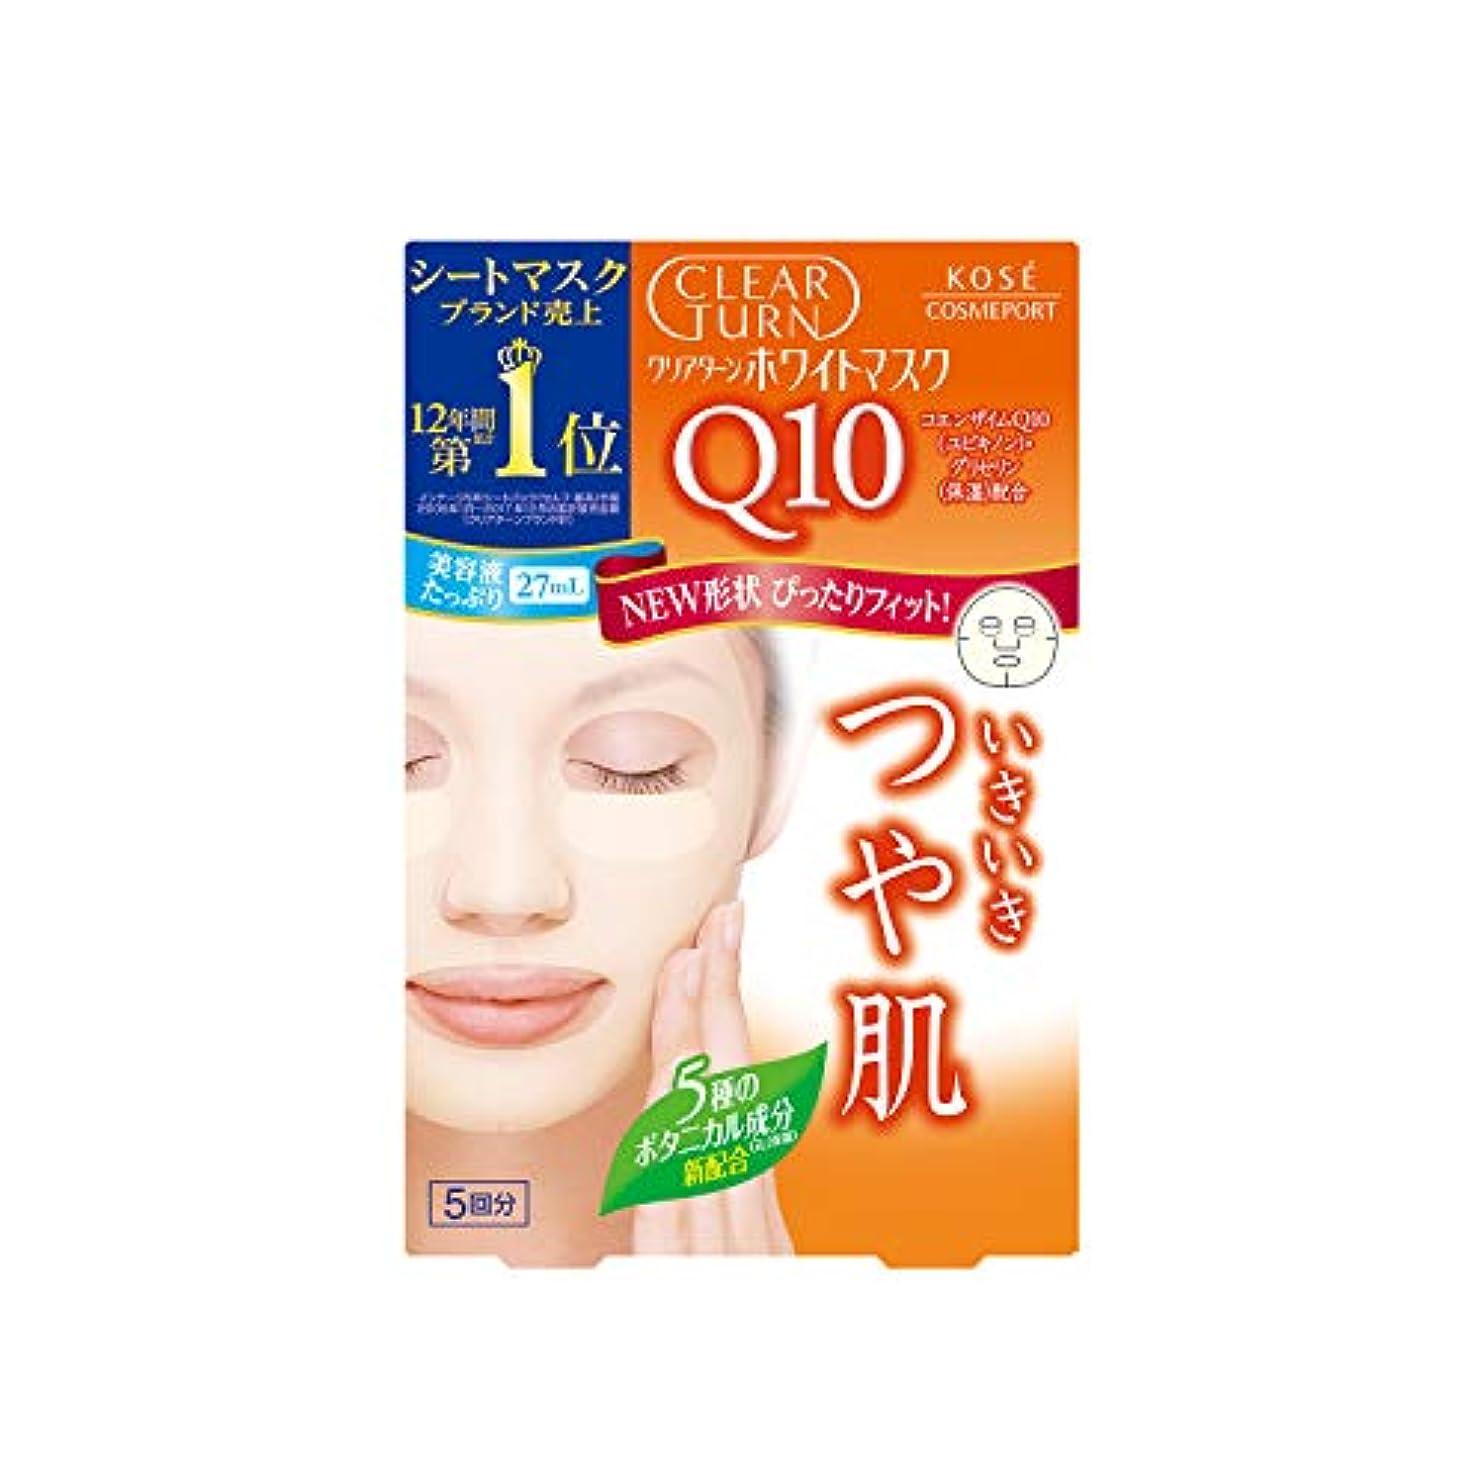 トレード名門突き出すKOSE クリアターン ホワイト マスク Q10 c (コエンザイムQ10) 5回分 (22mL×5)